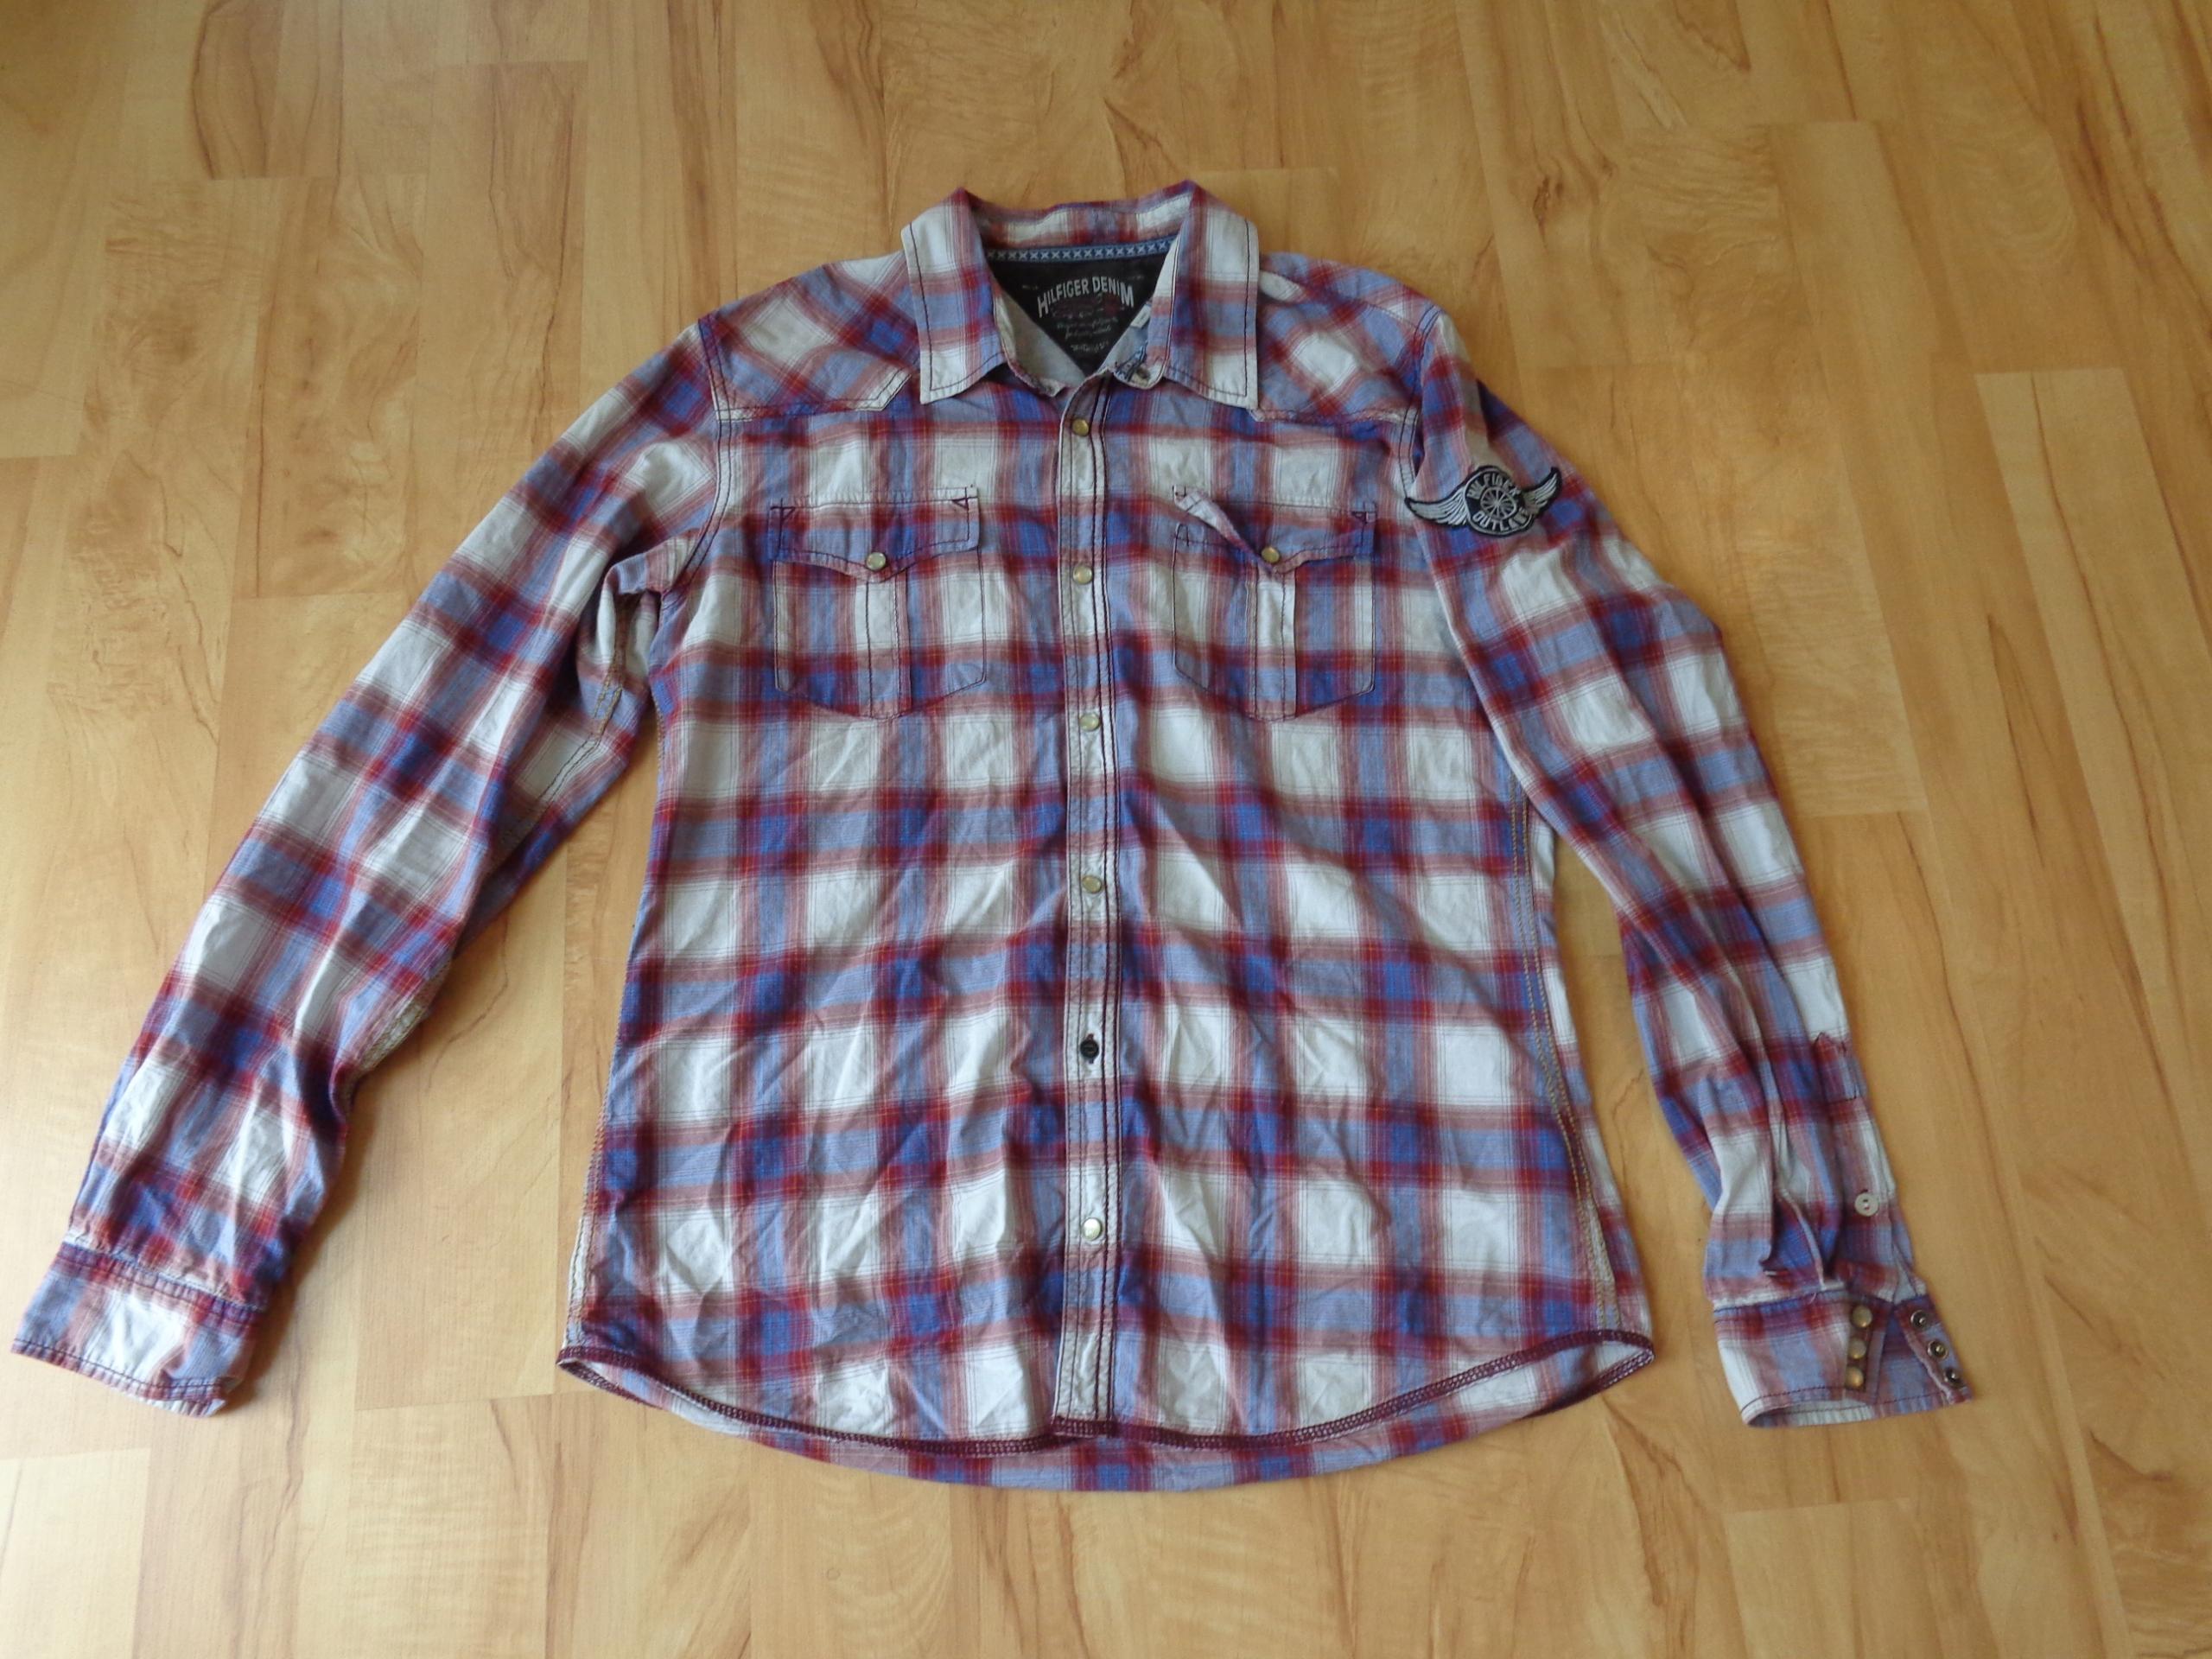 Koszula TONMMY HILFIGER DENIM bawełna rozmiar L/XL